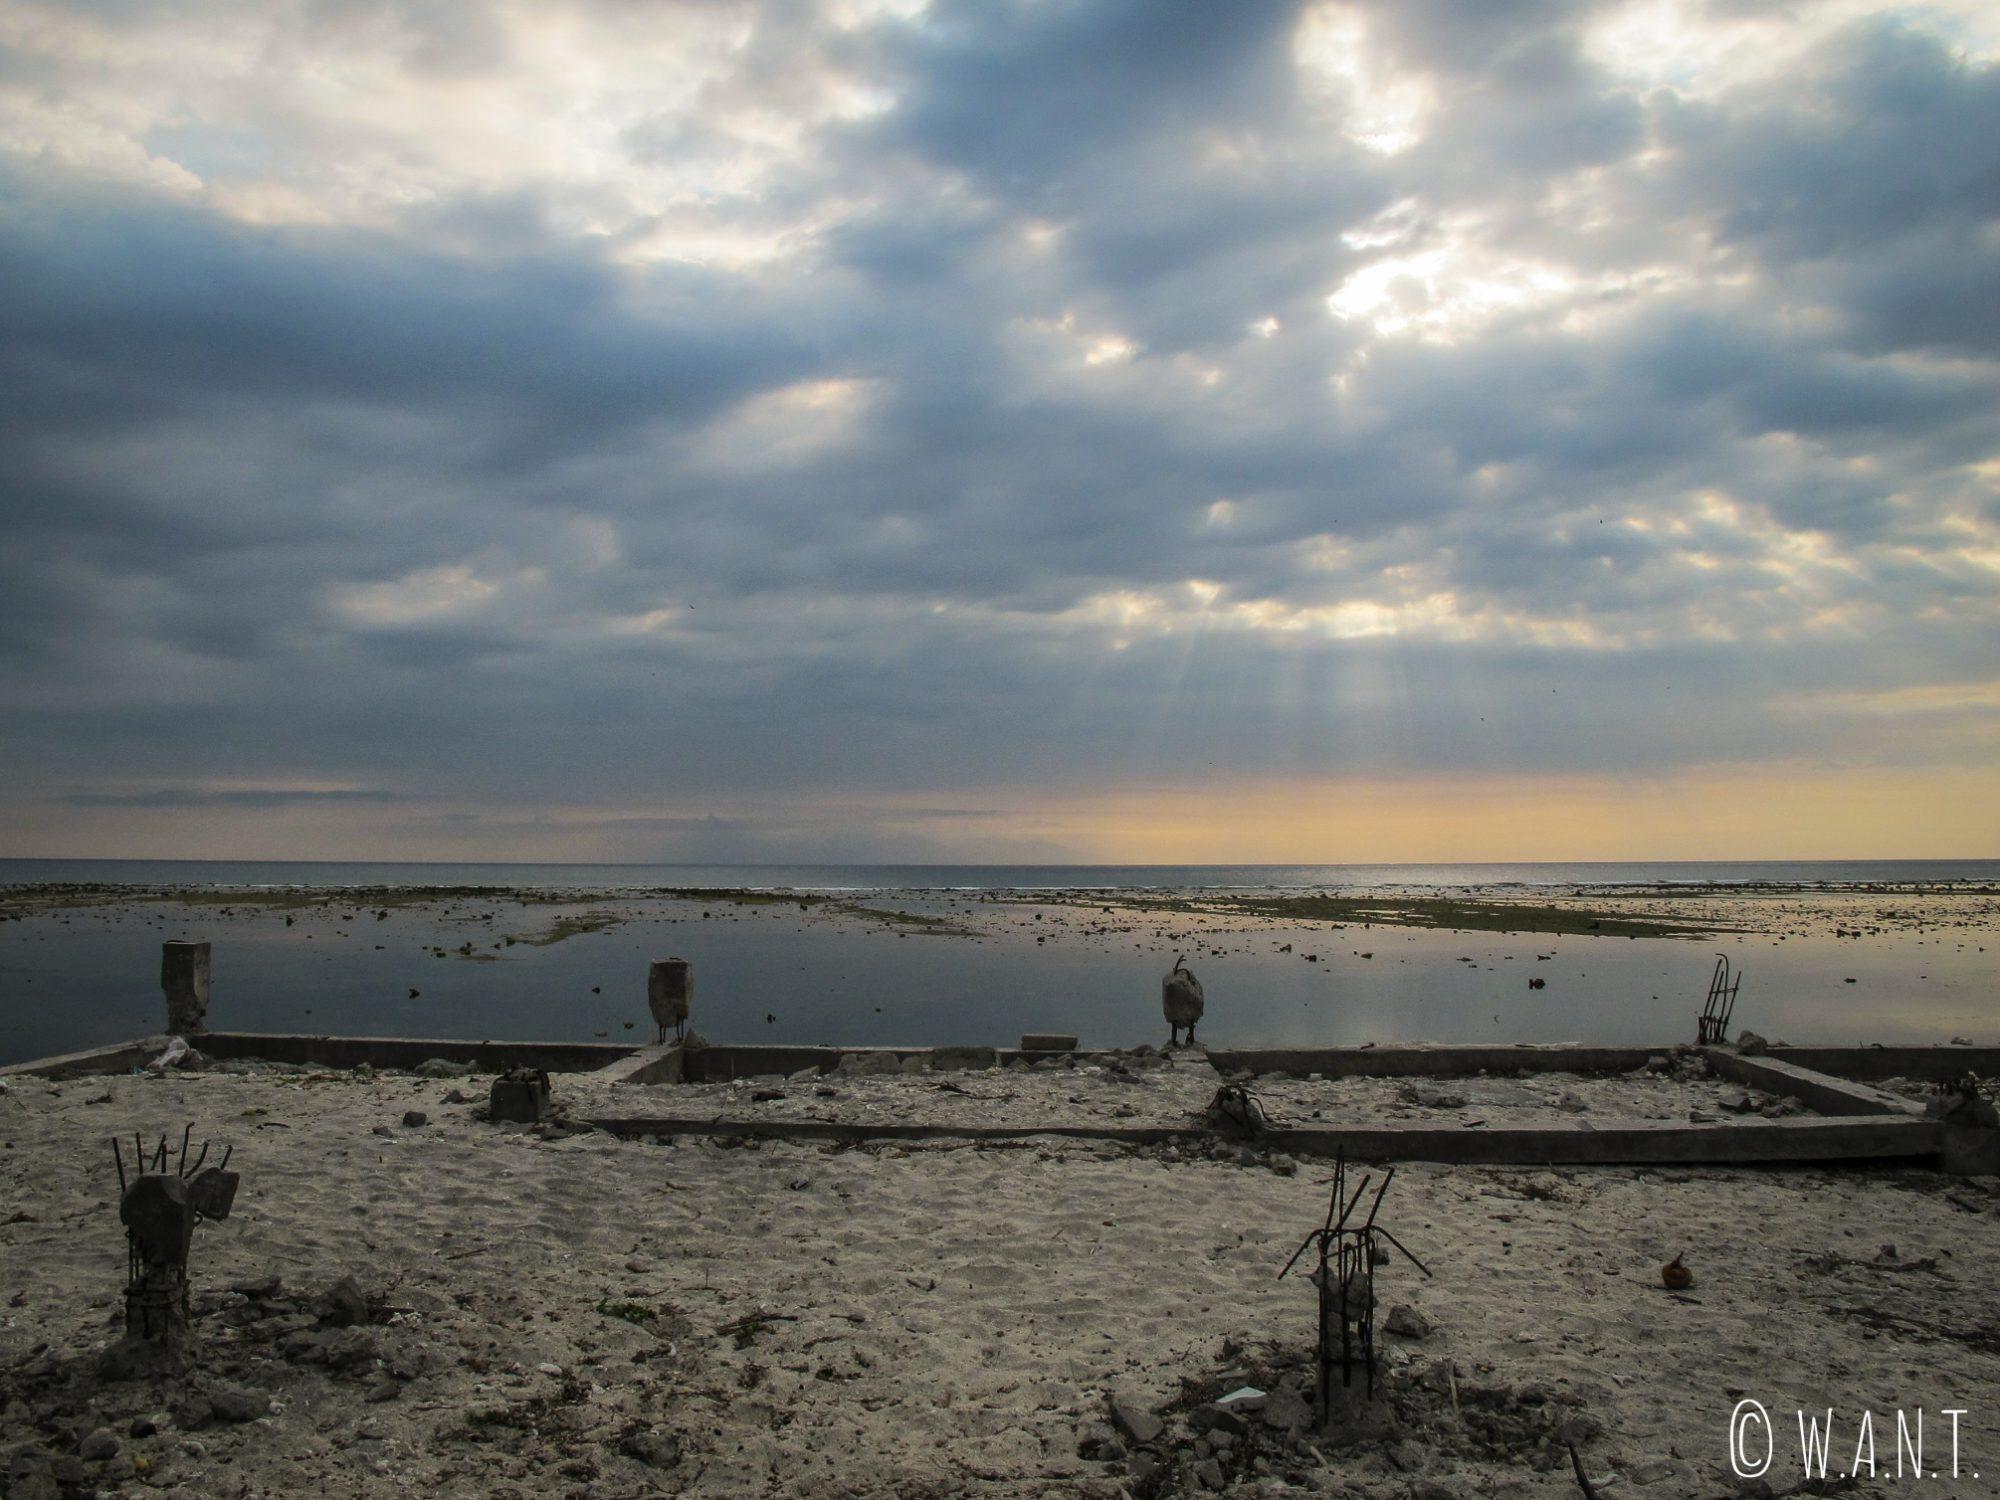 Fondations d'une construction laissées à l'abandon sur le littoral de Gili Trawangan